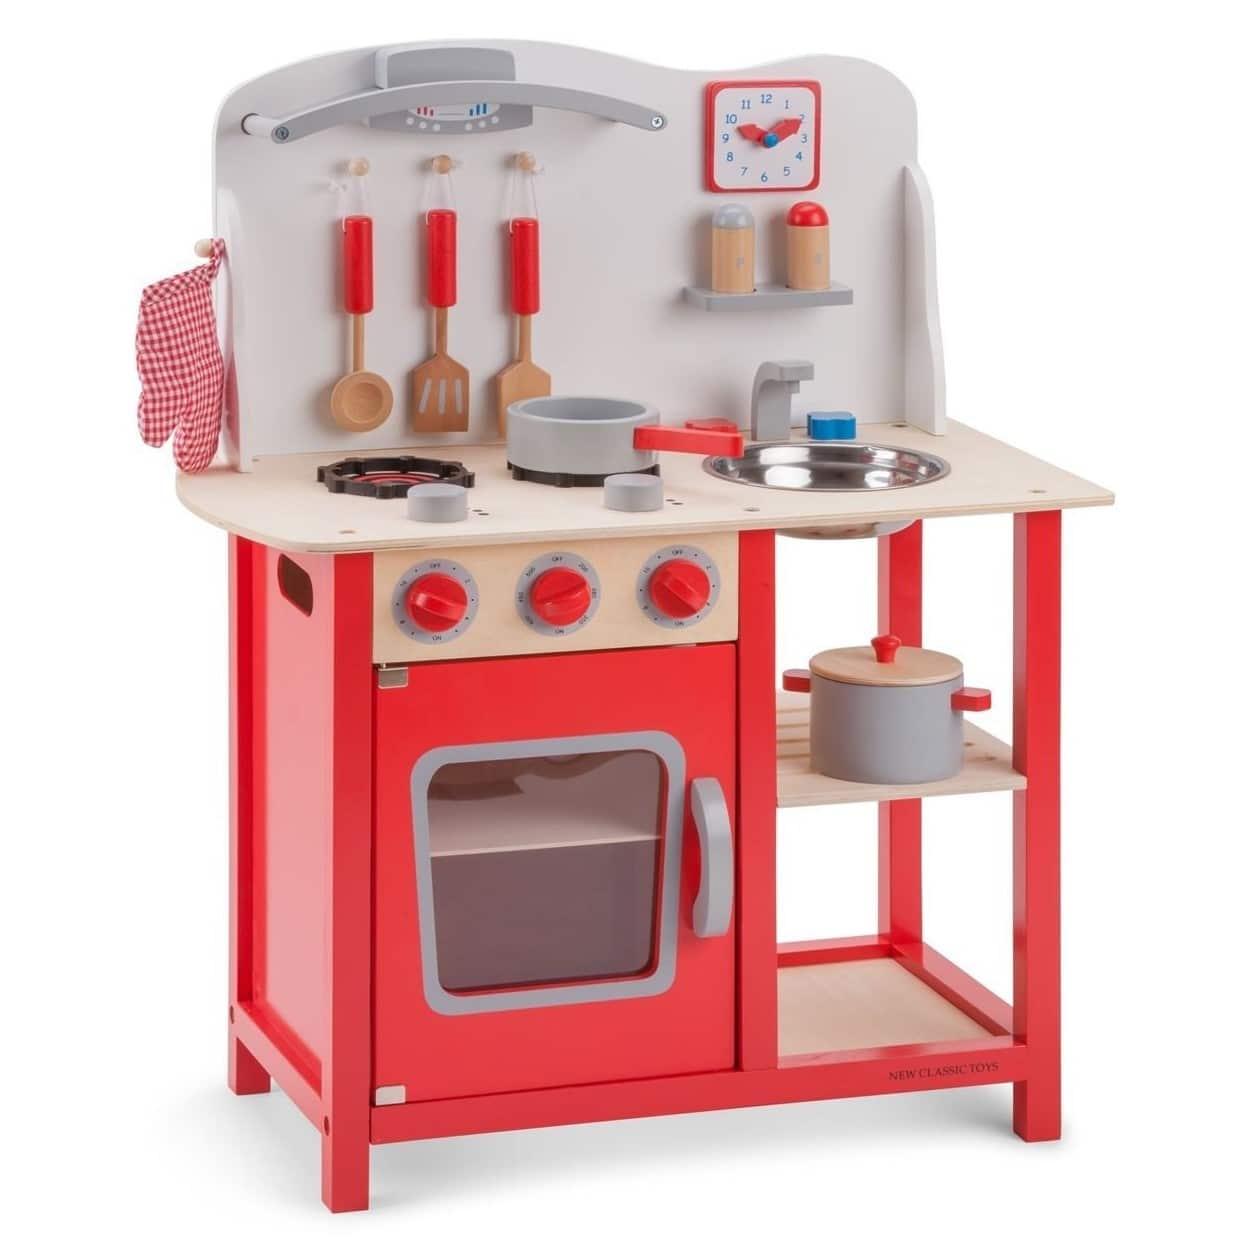 cuisine pour enfants bon appétit new classic toys